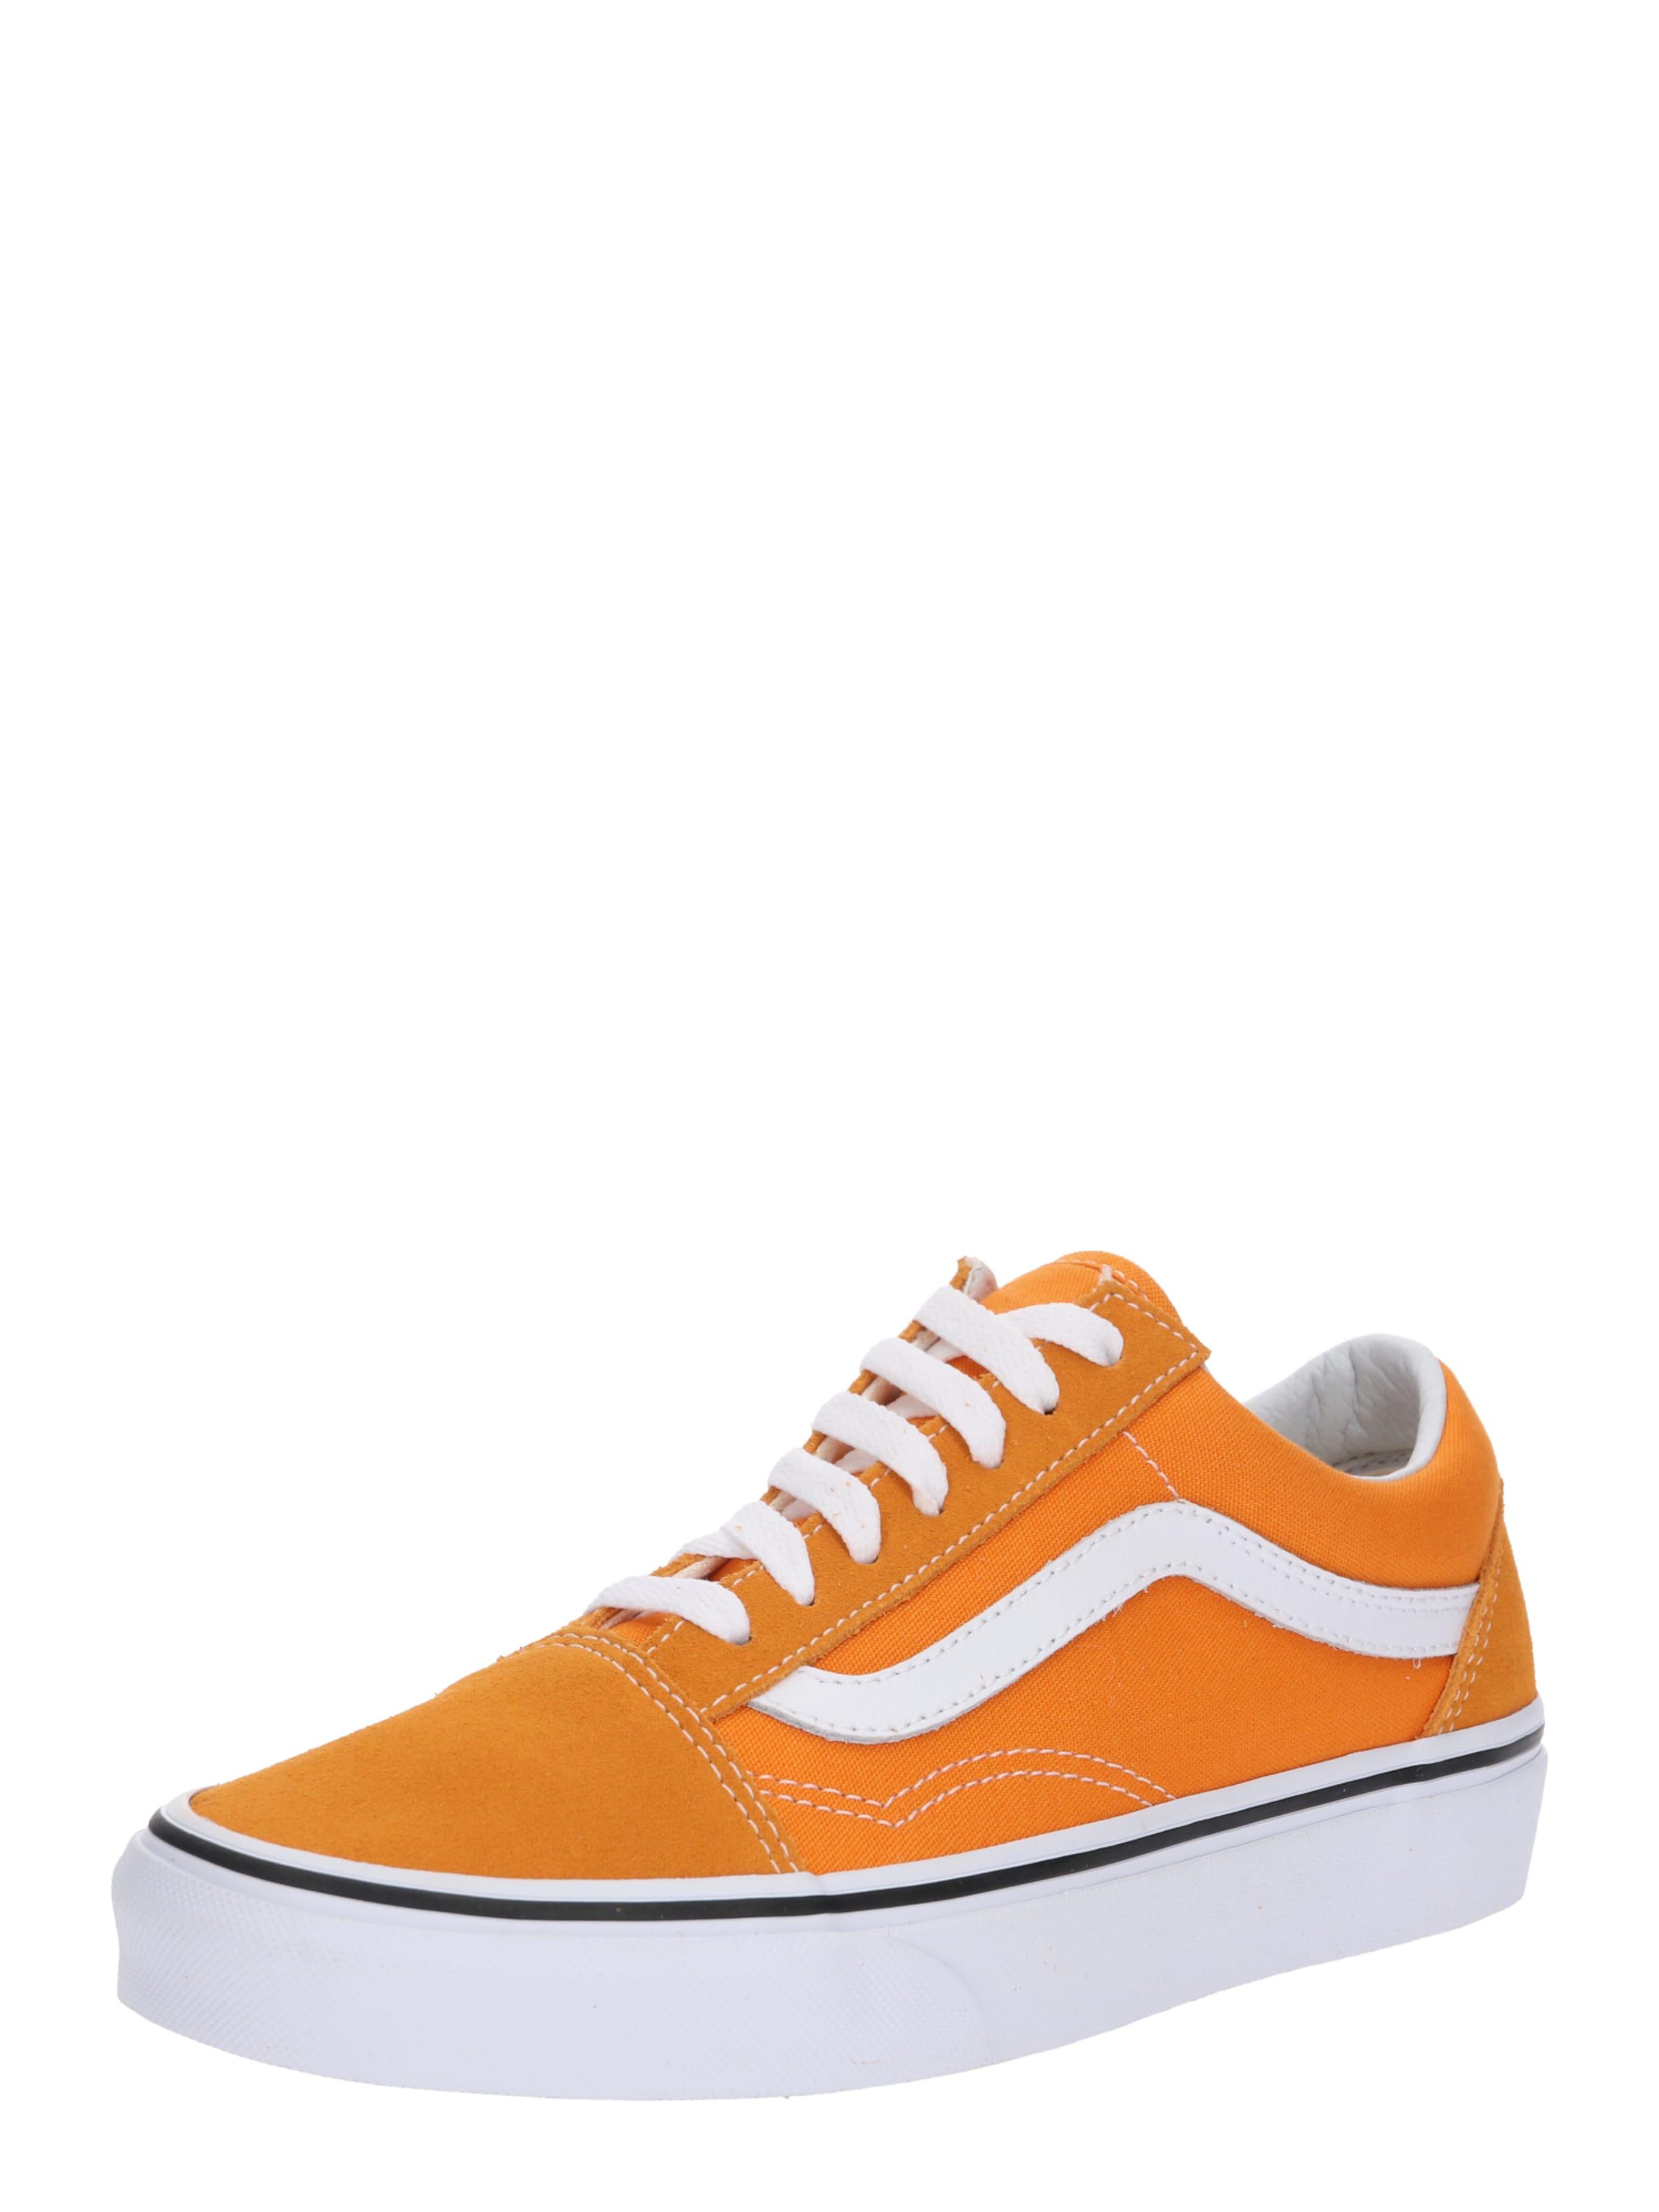 En Orange Skool' Sport 'ua De Old Chaussure Vans nPwq76FYx0